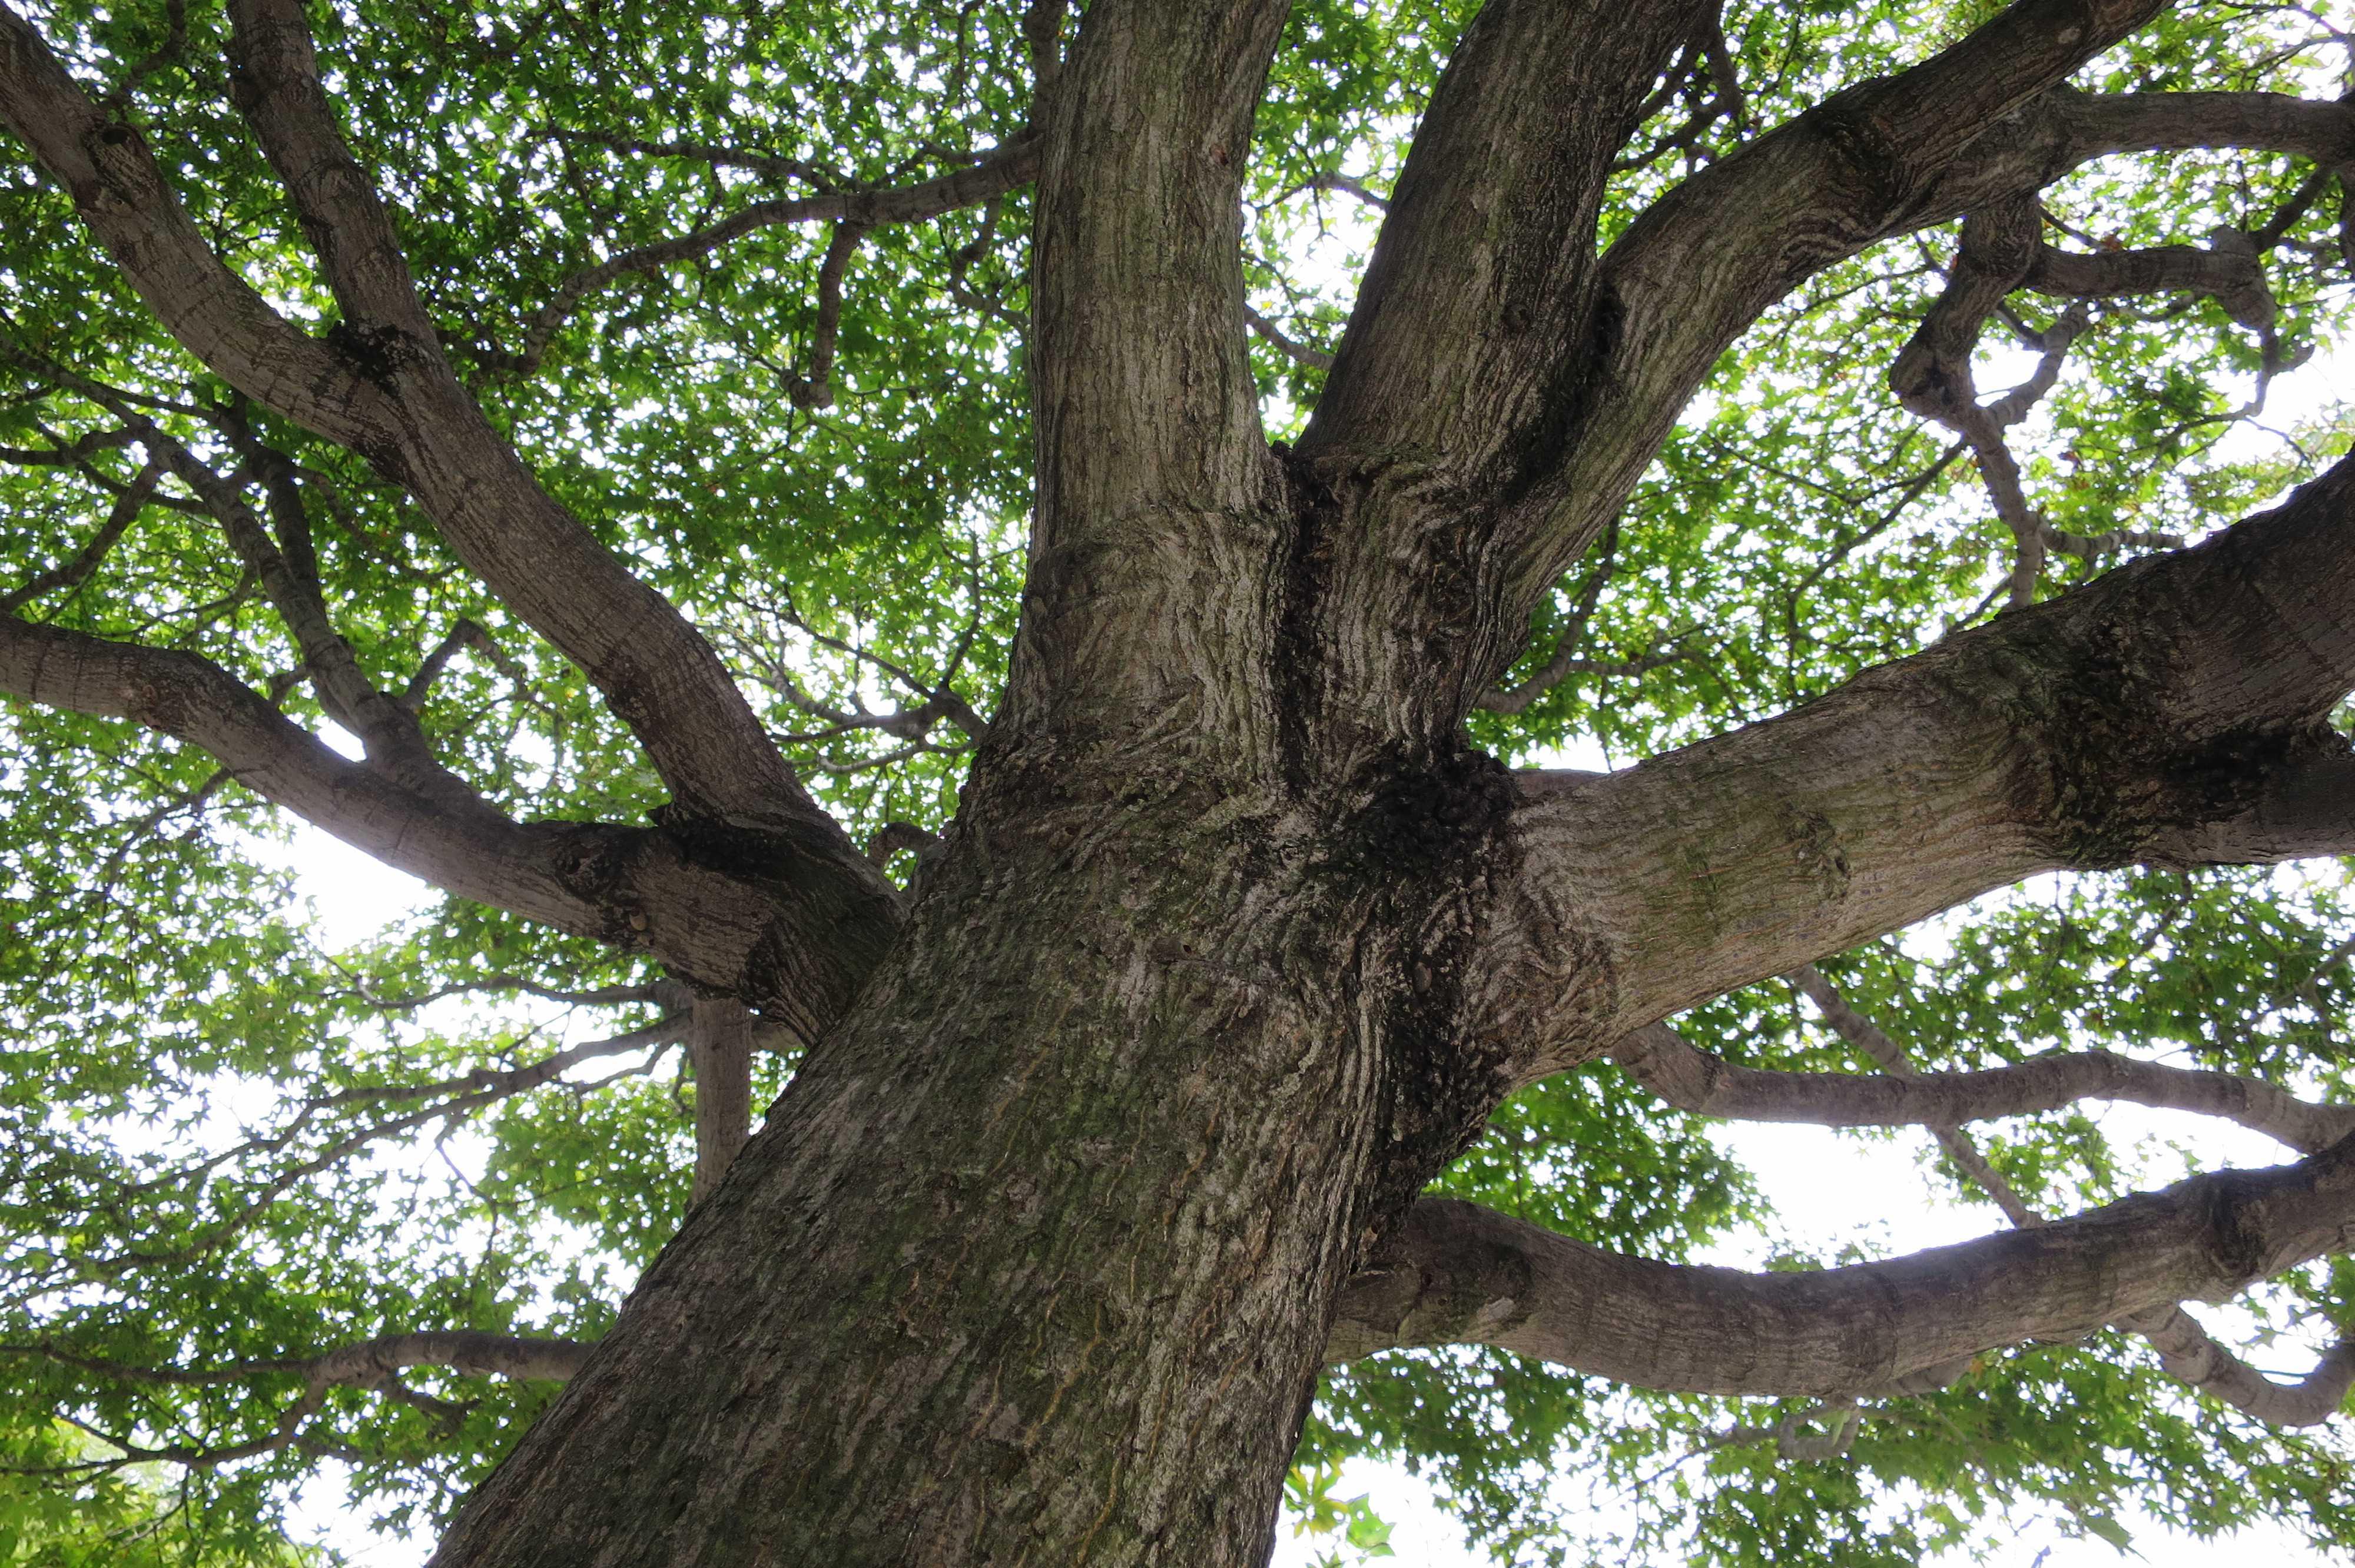 愛染さんのもみじの木の幹